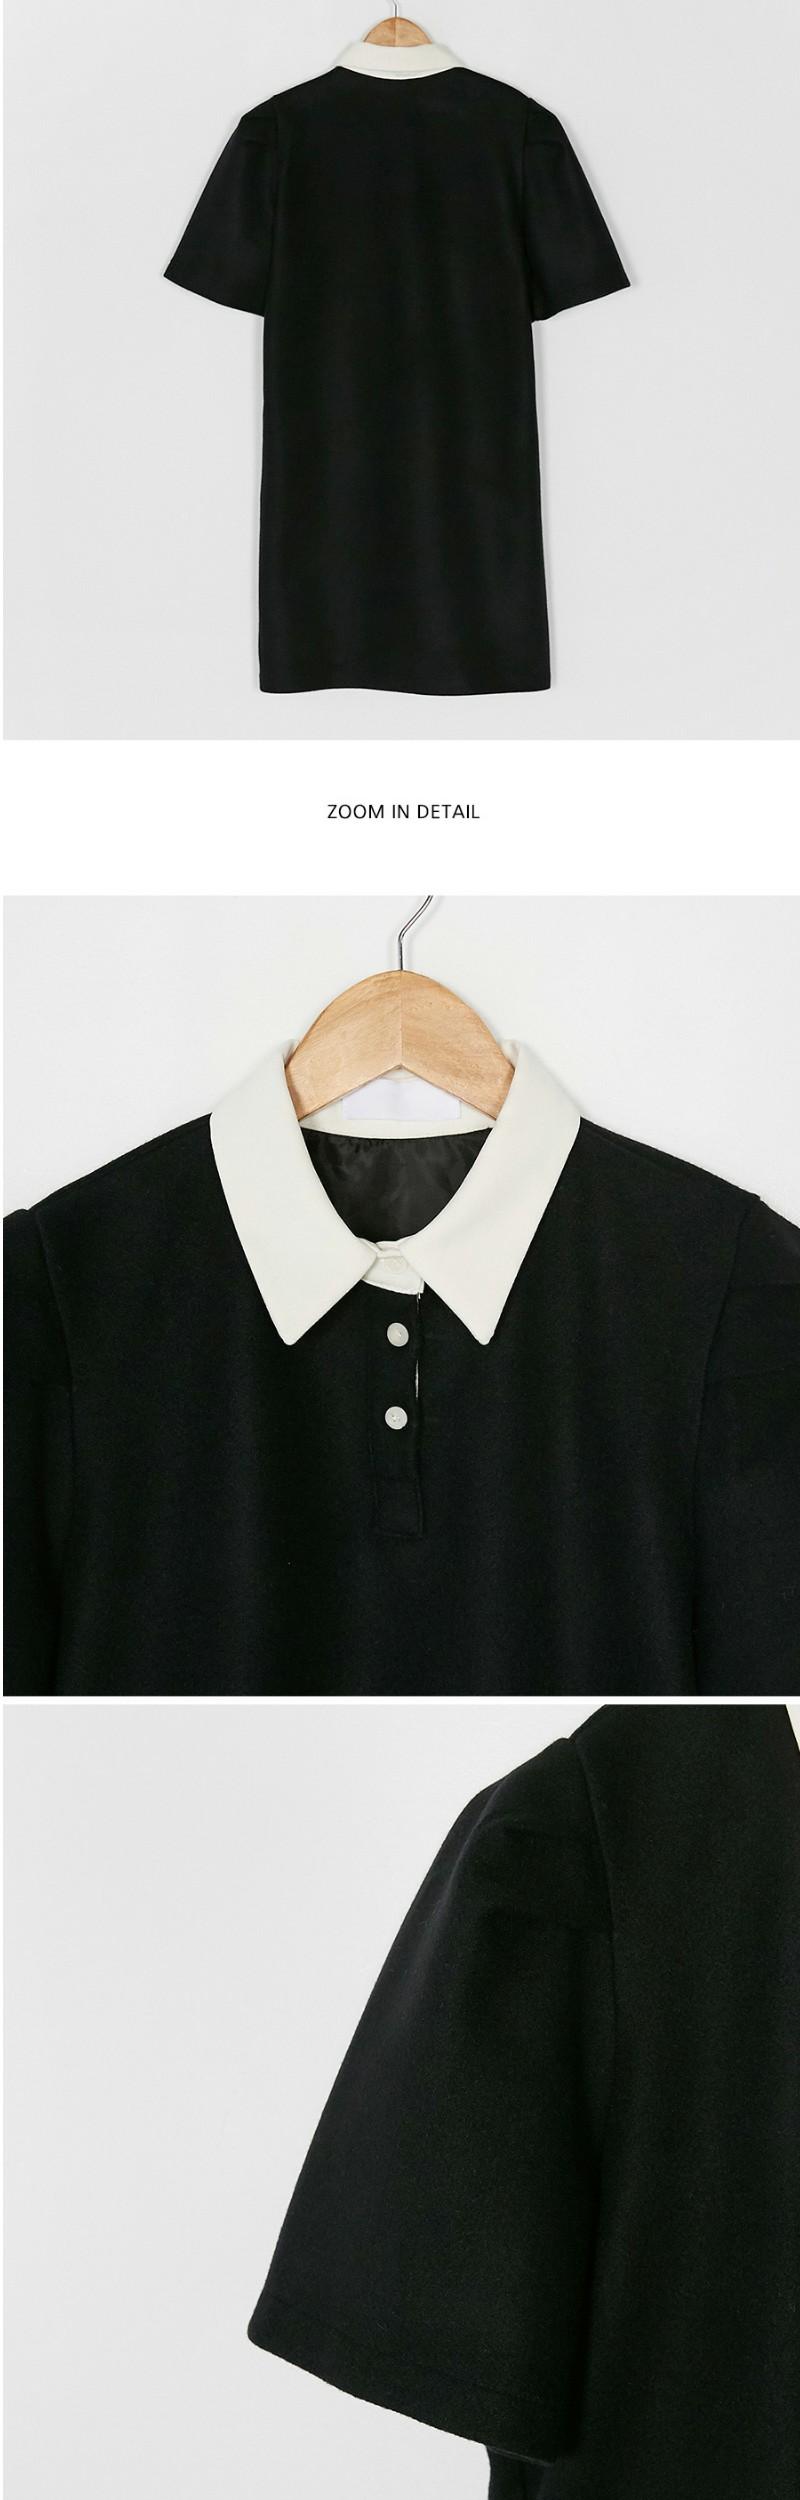 girlish collar ops